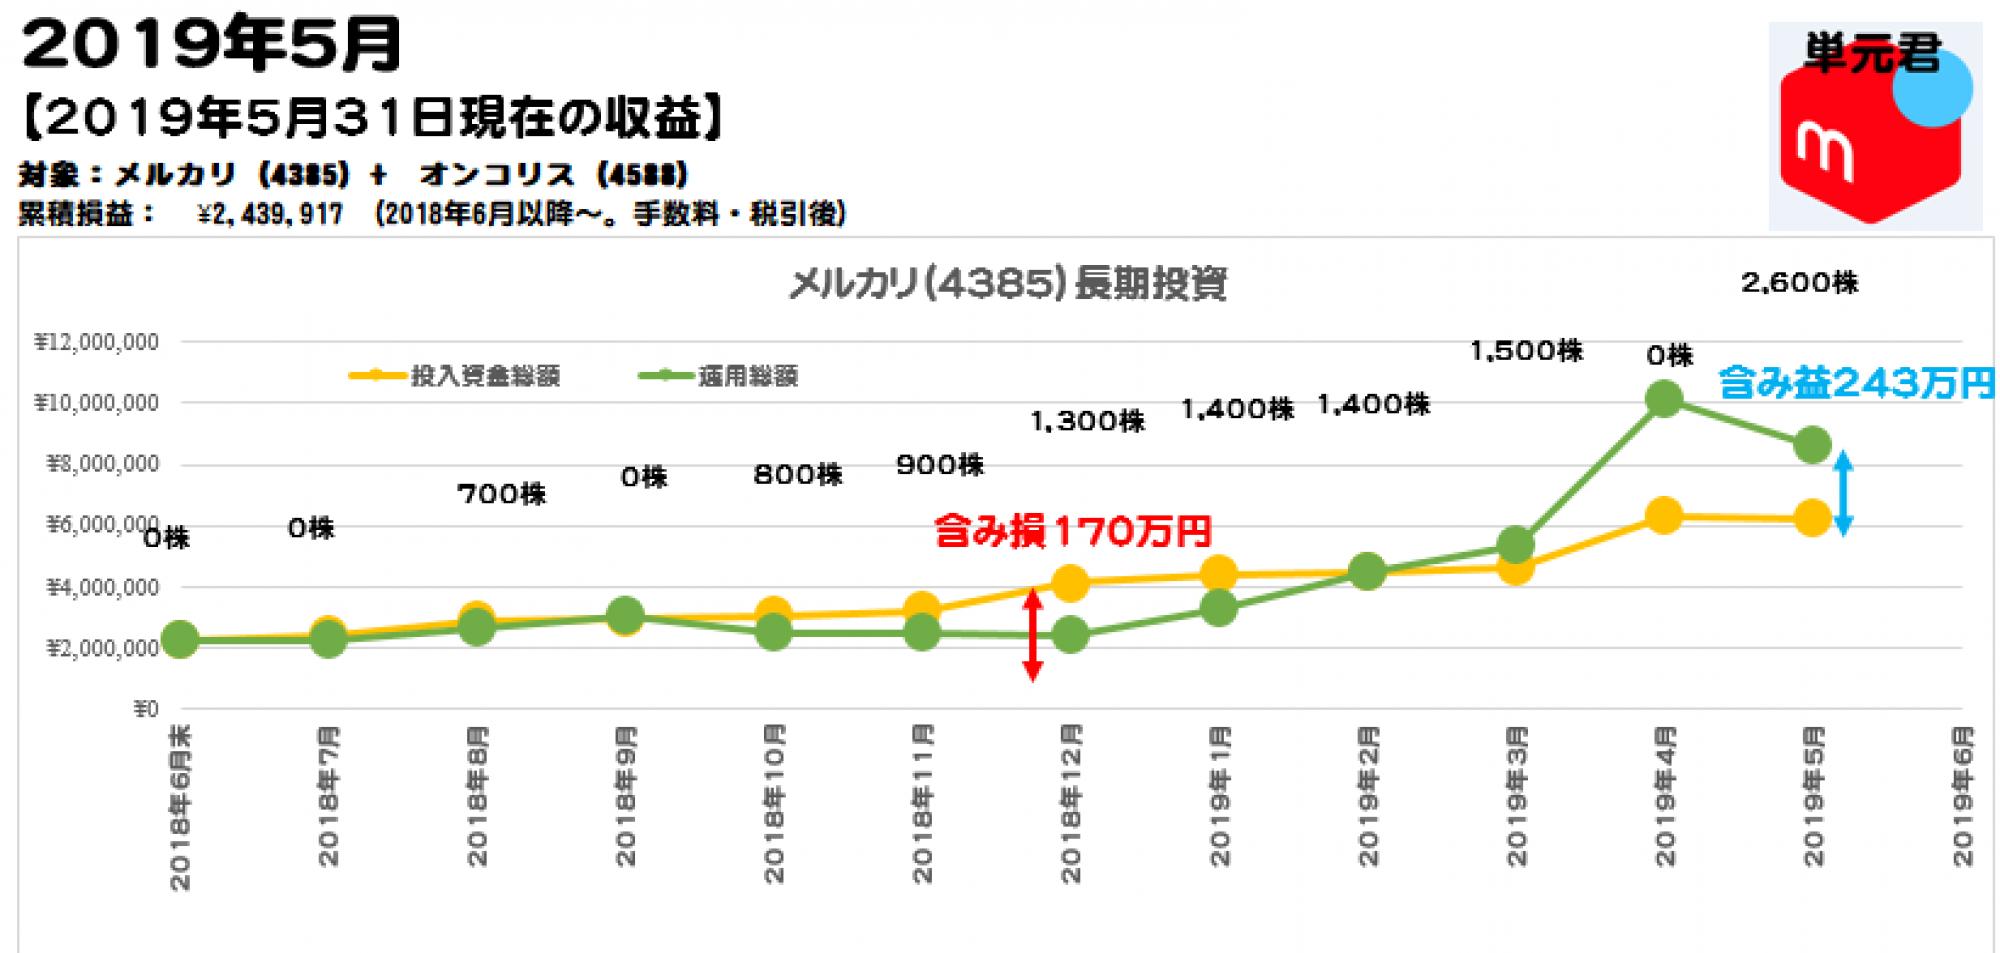 メルカリ単元株投資ブログ